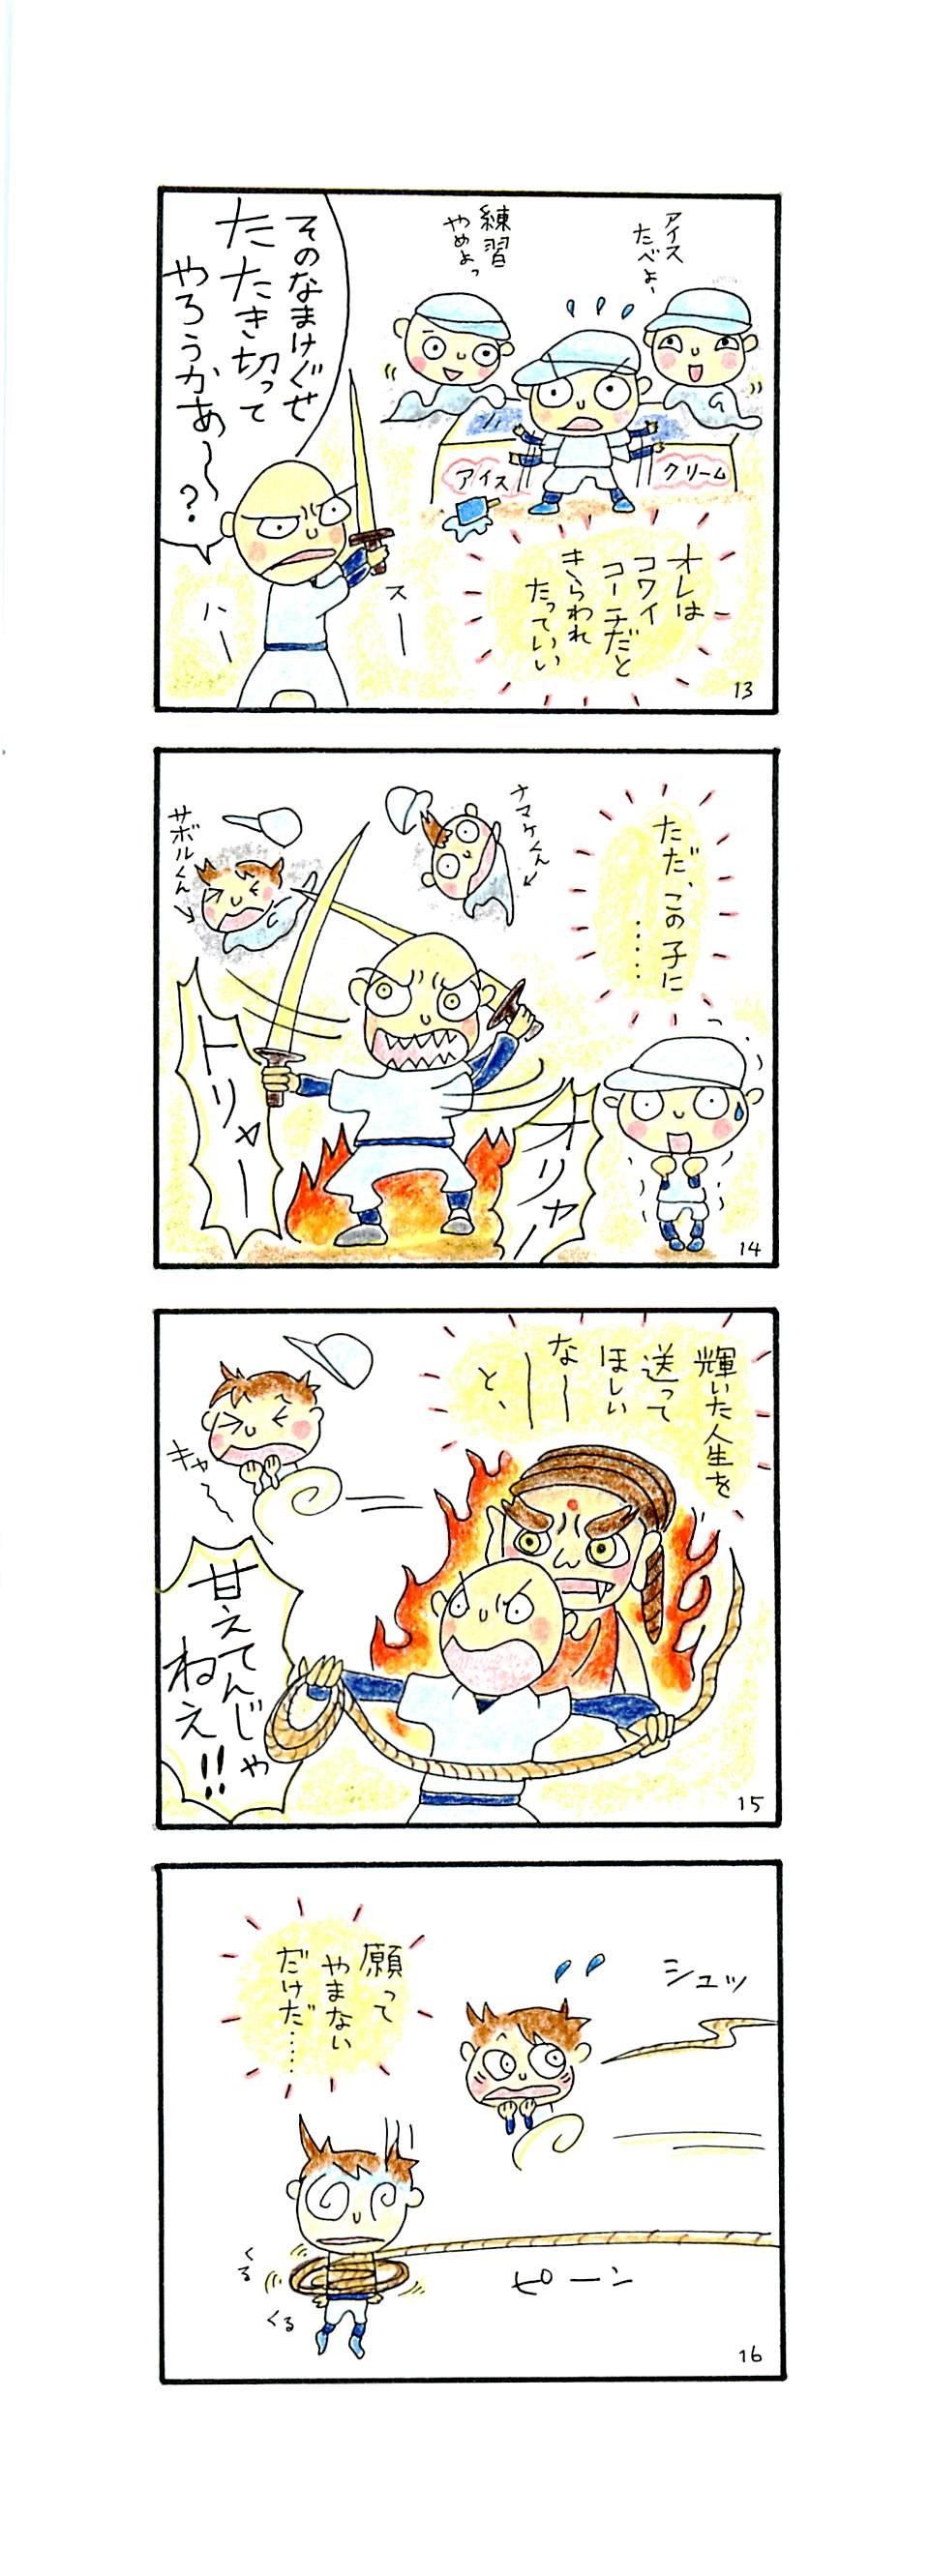 お不動さんp13-p16